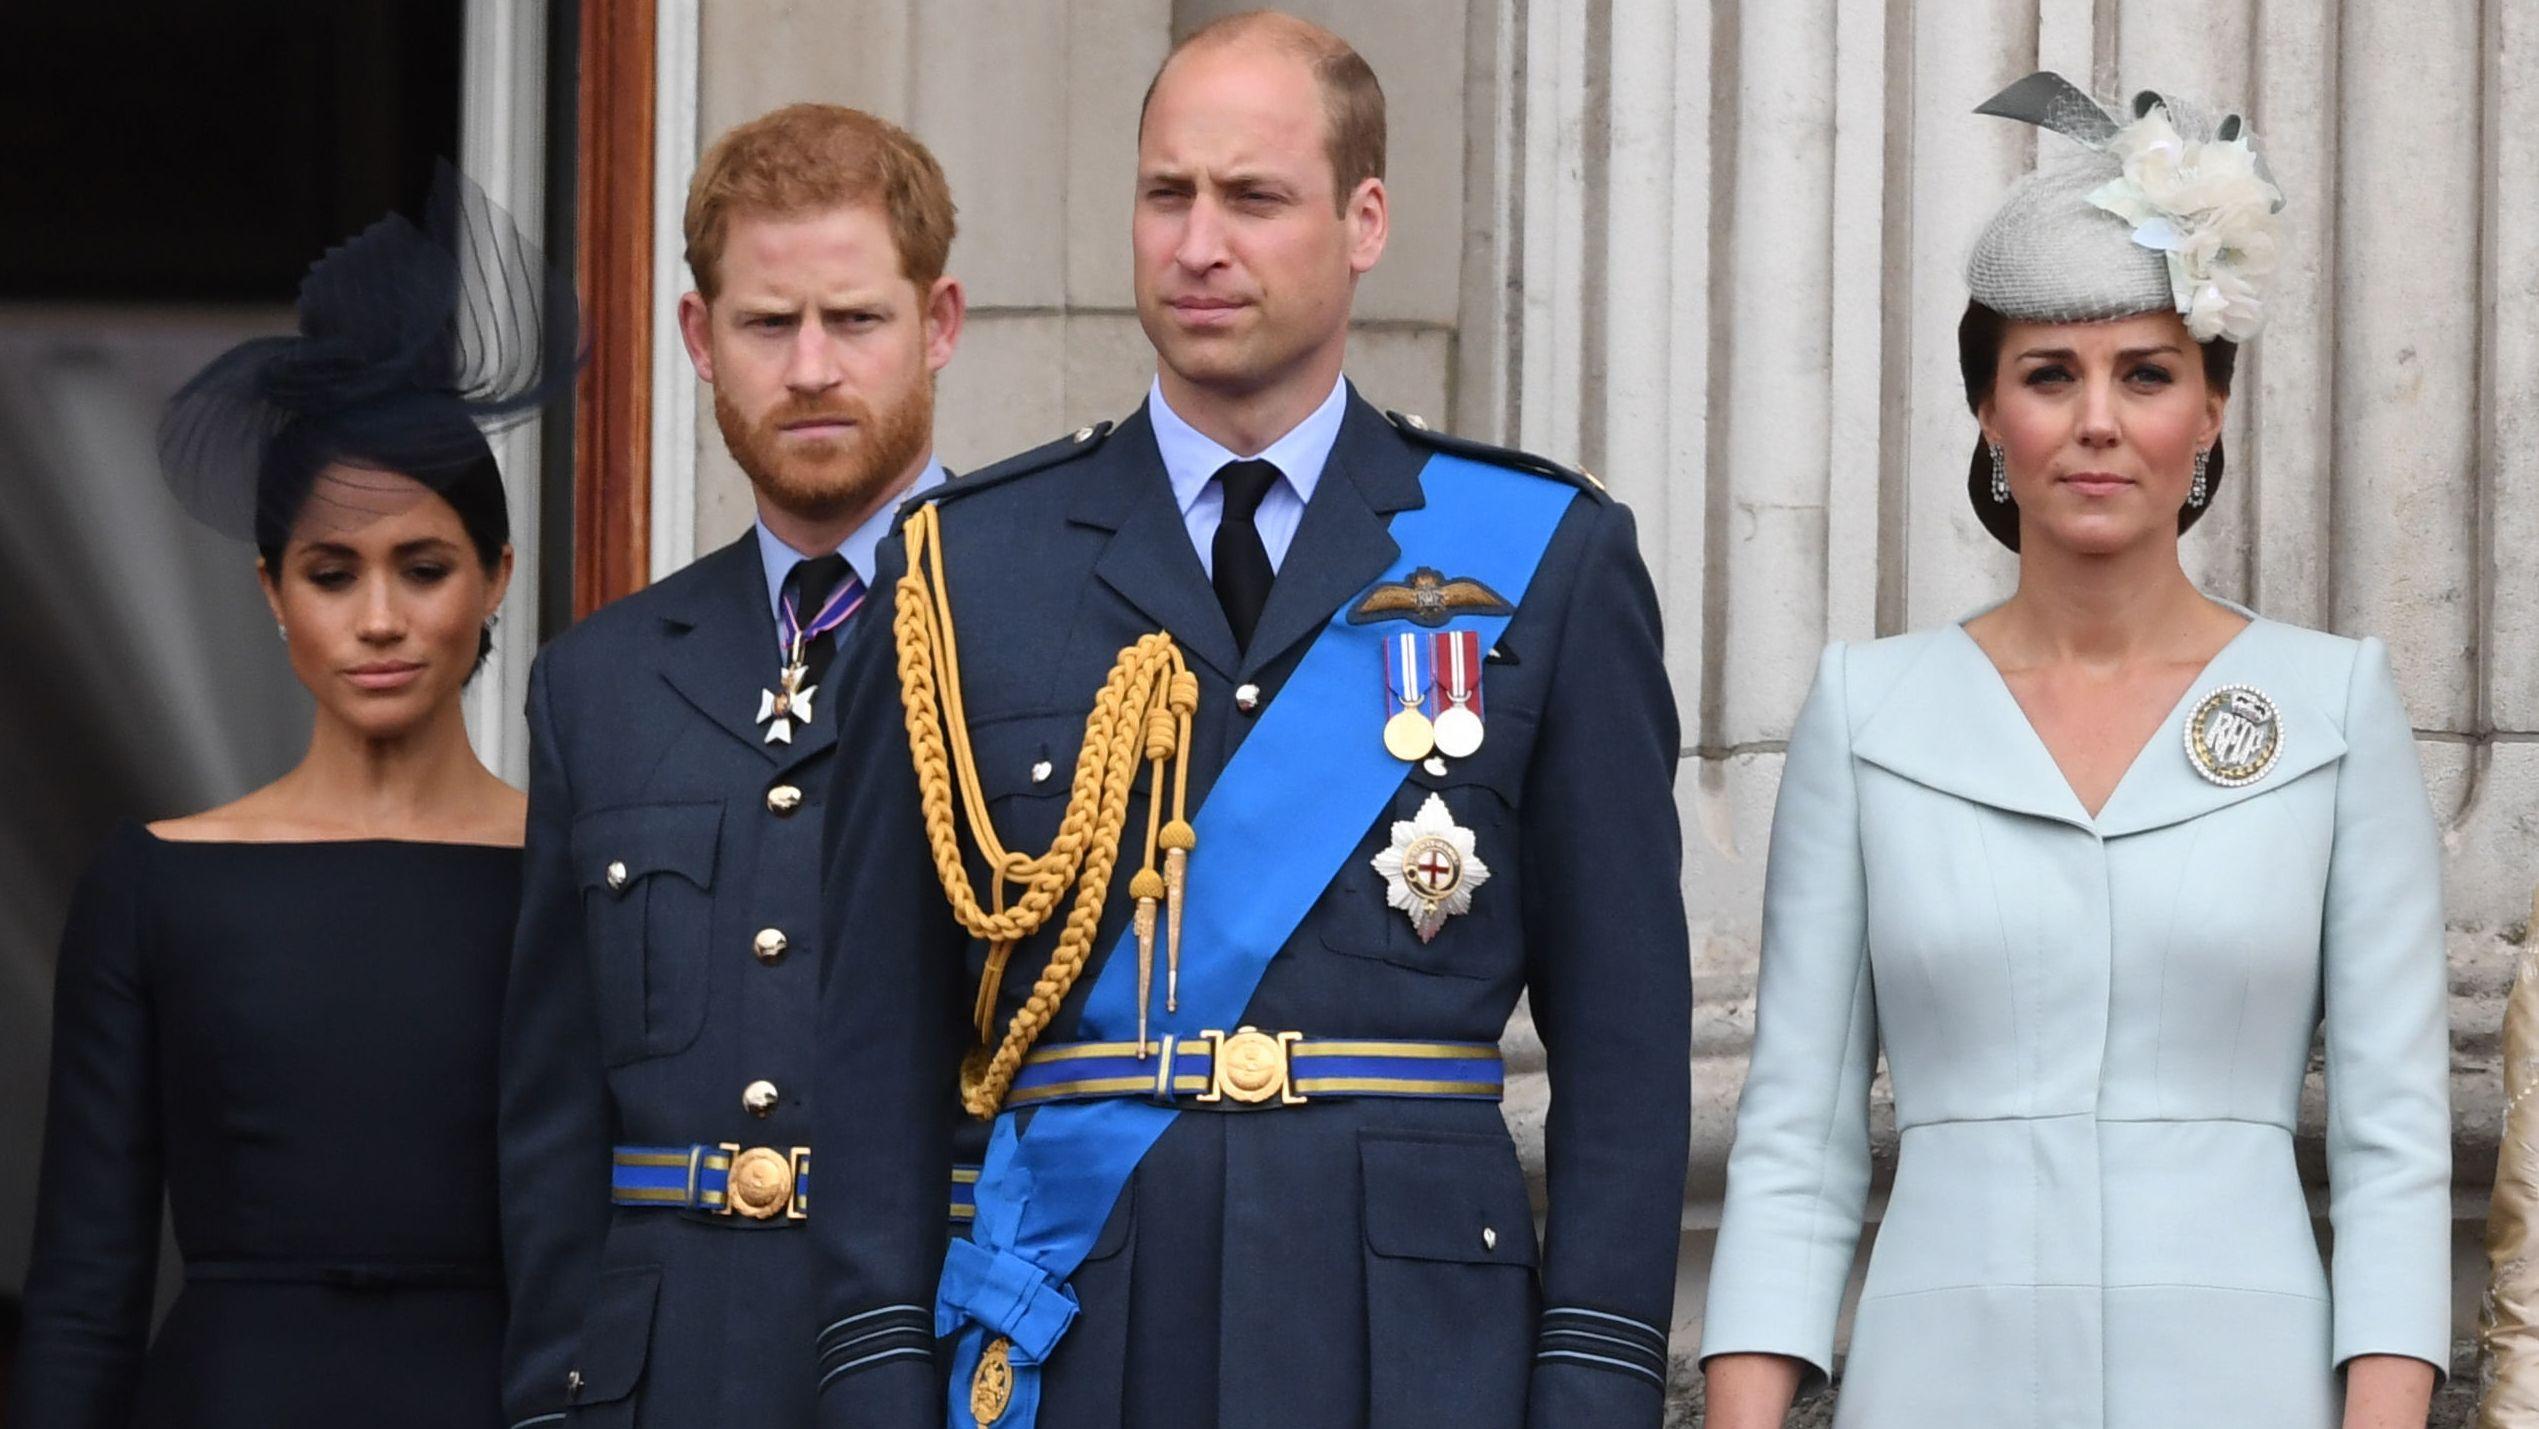 Archivbild Herzogin Meghan, Prinz Harry, Prinz William und Herzogin Kate - Die Ehepaare gehen bei ihren wohltätigen Aktivitäten getrennte Wege